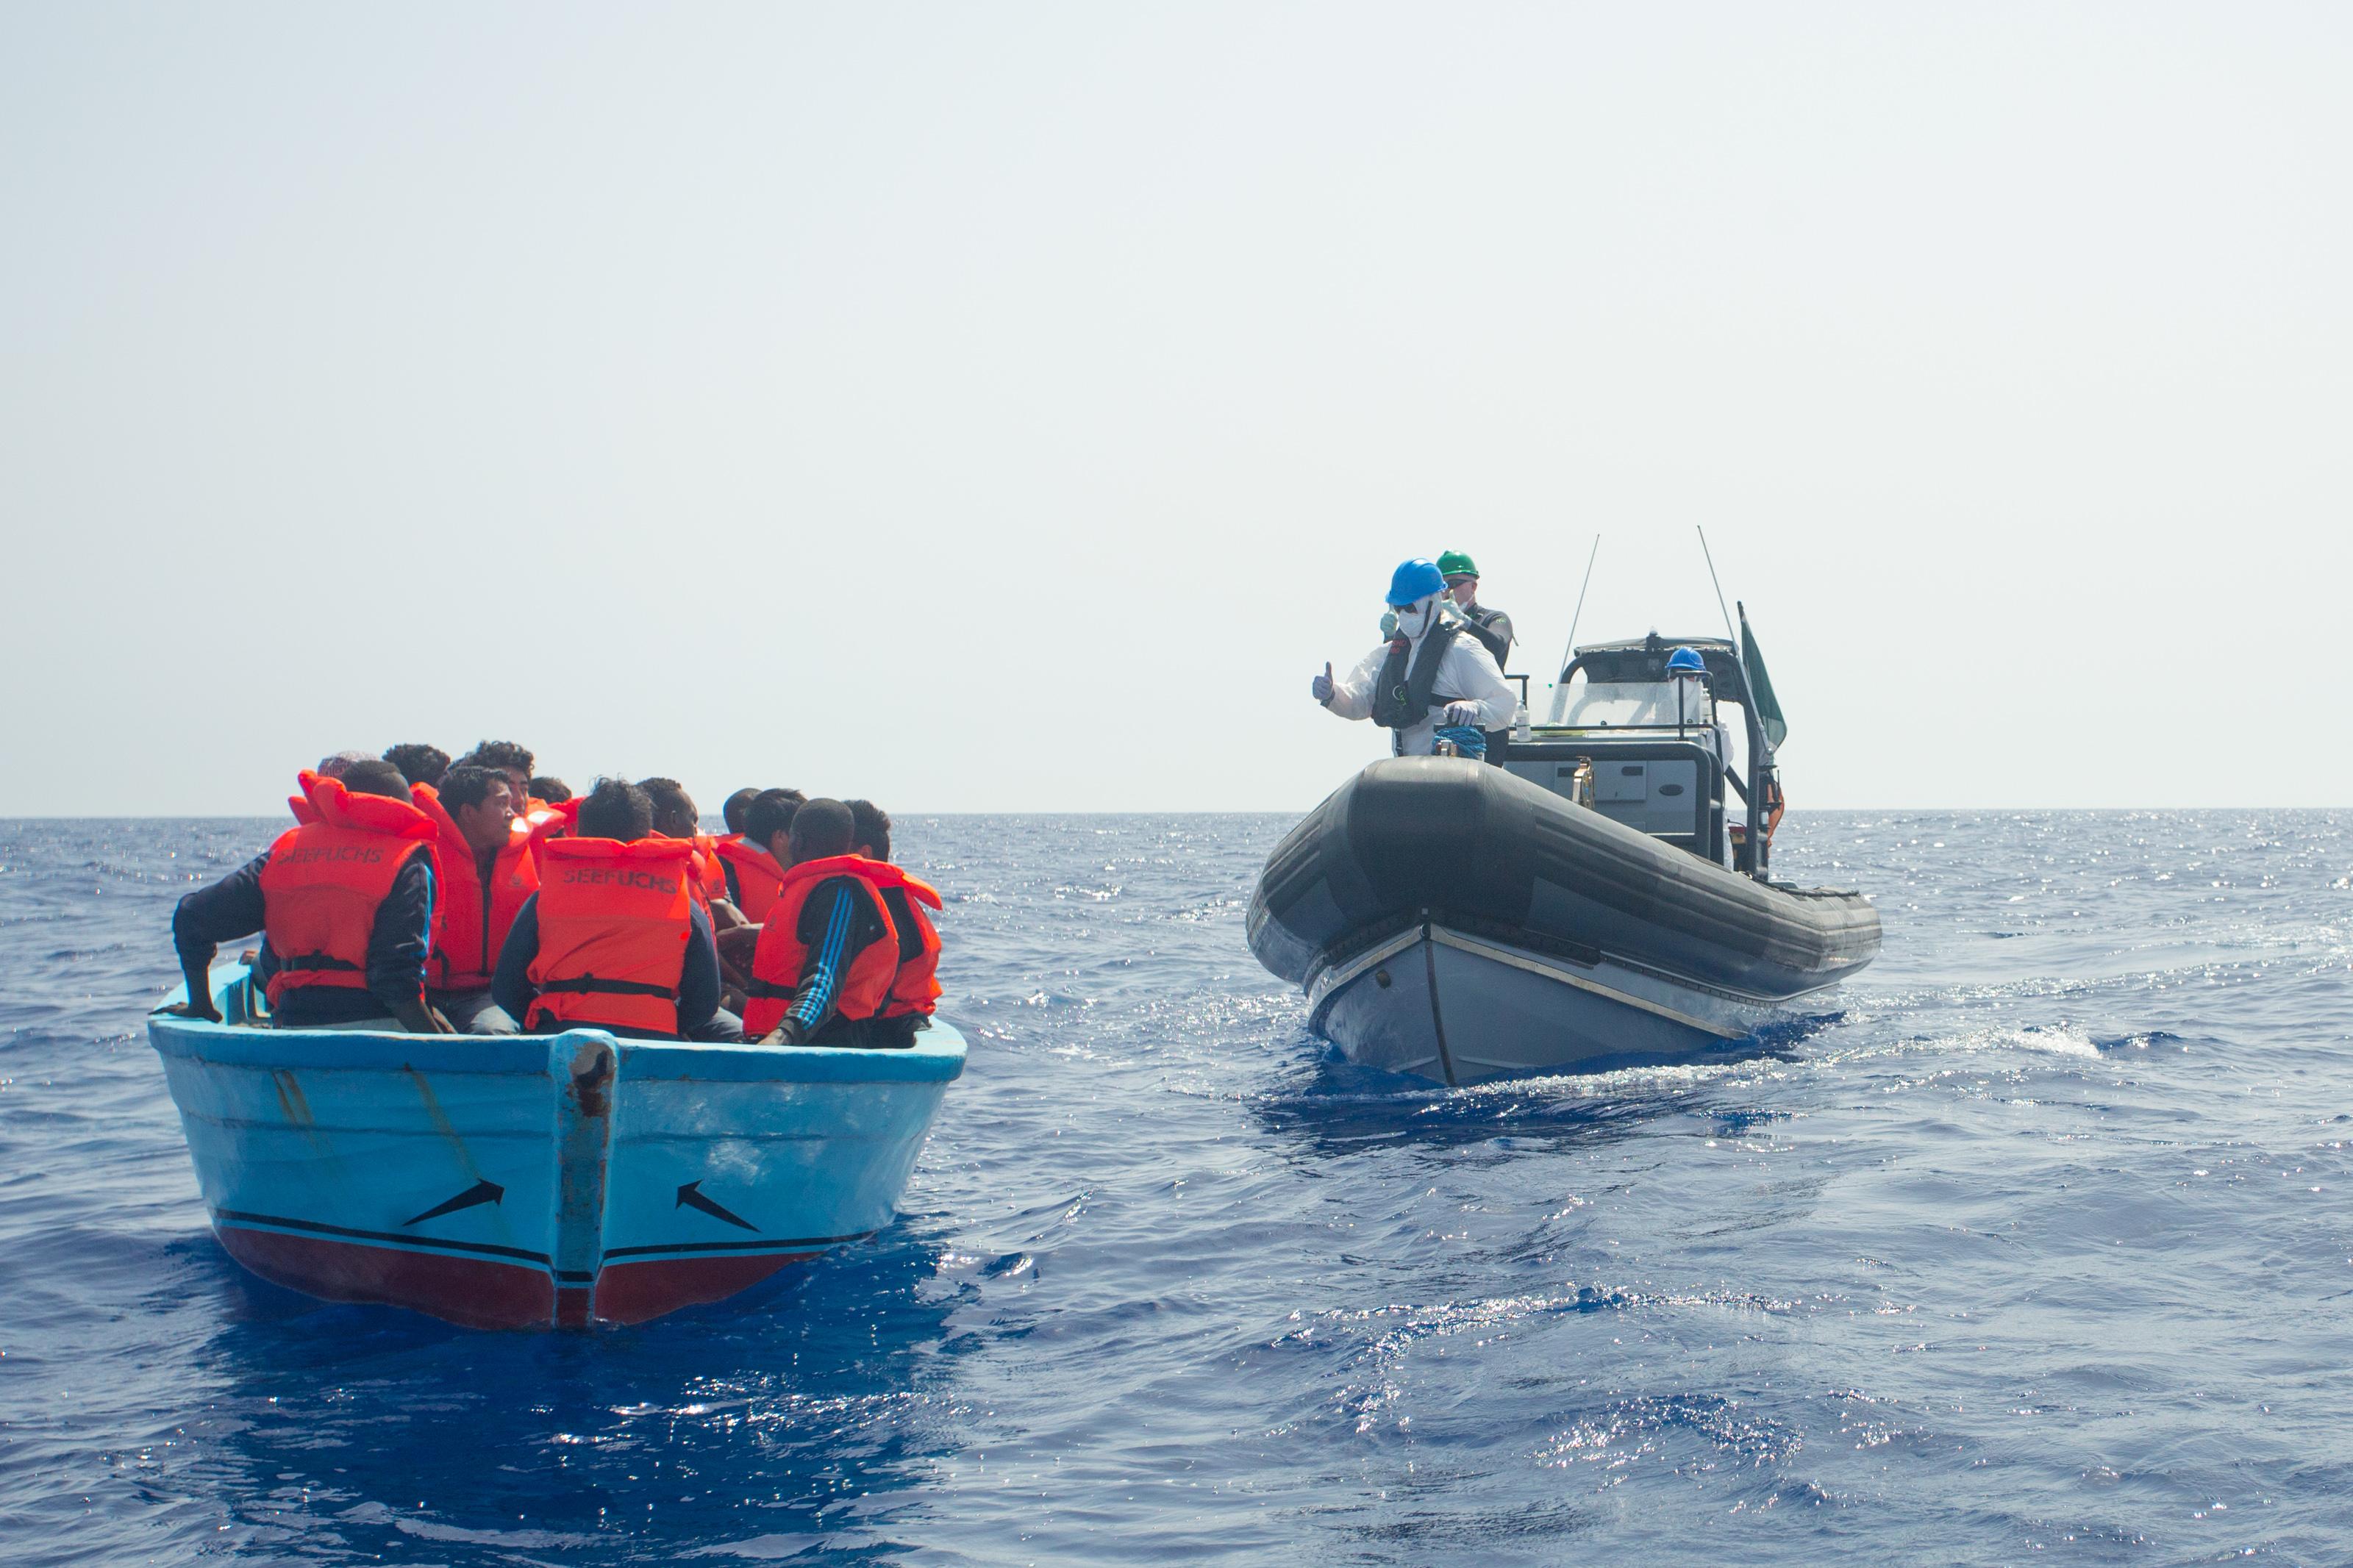 Őrizetbe vette az olasz rendőrség az egyik, bevándorlókat mentő hajó kapitányát